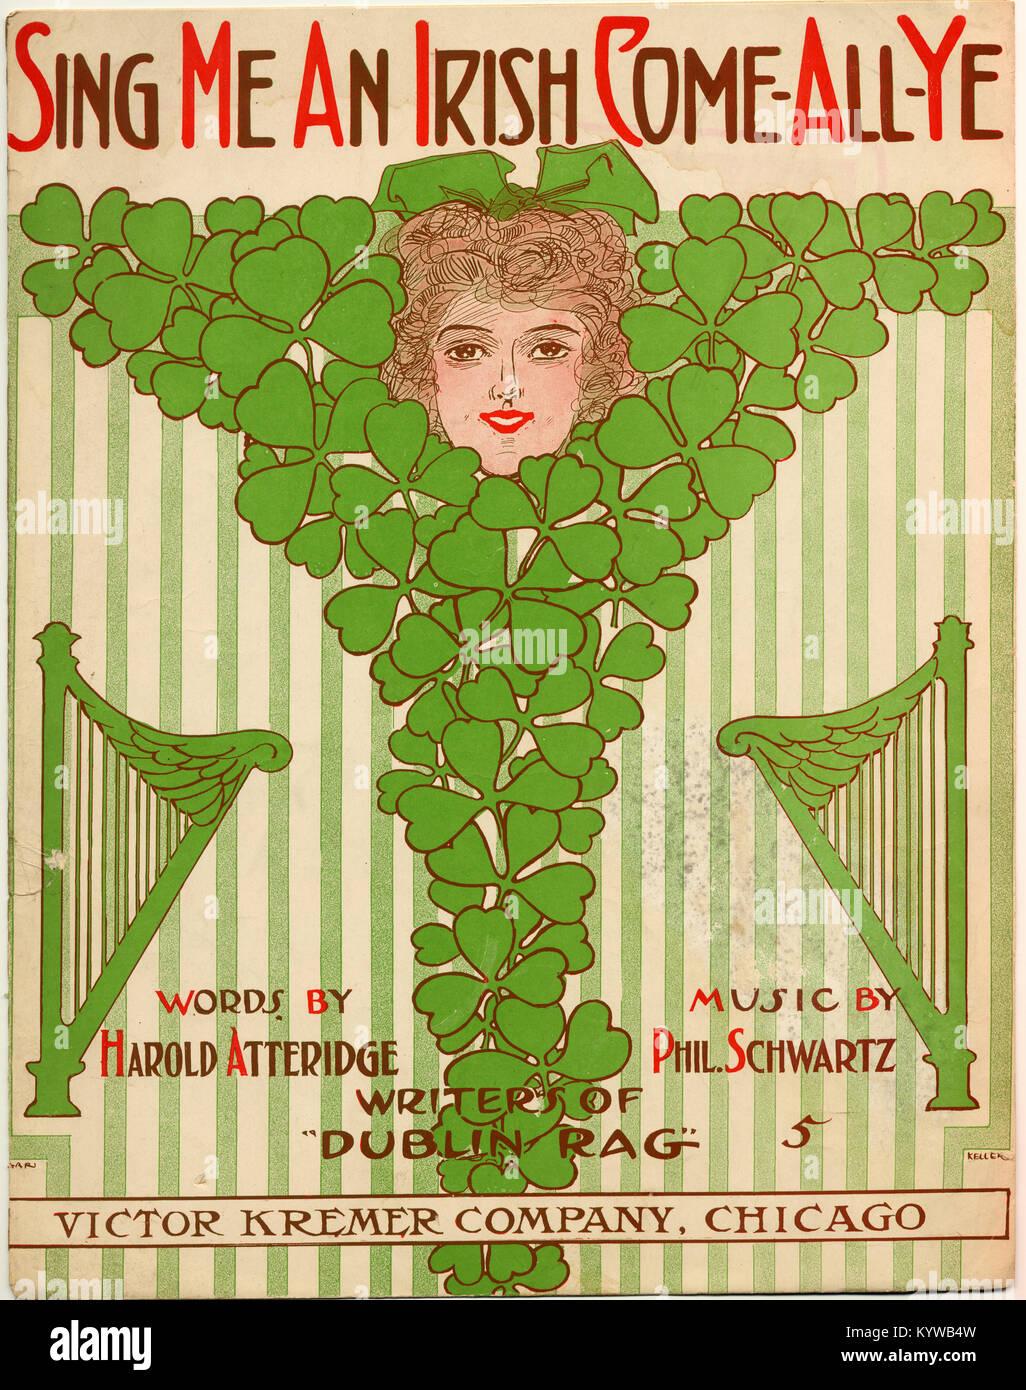 Sing Me an Irish Come all Ye - Stock Image